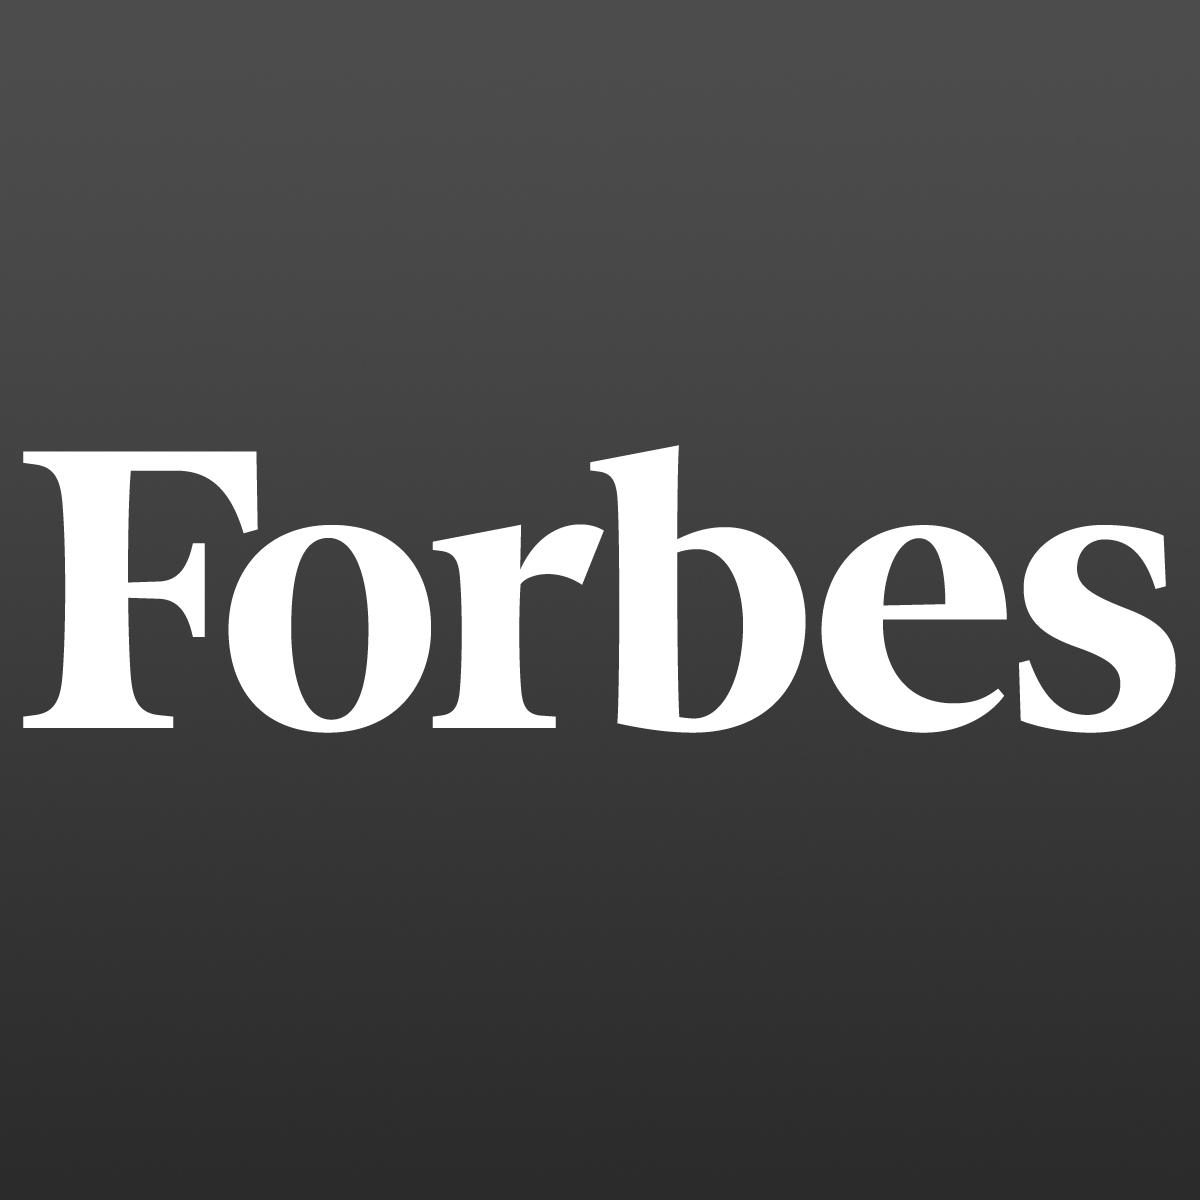 फोर्ब्सको एसियाका प्रभावशाली ३० युवाको सूचीमा नेपालका दुई जना